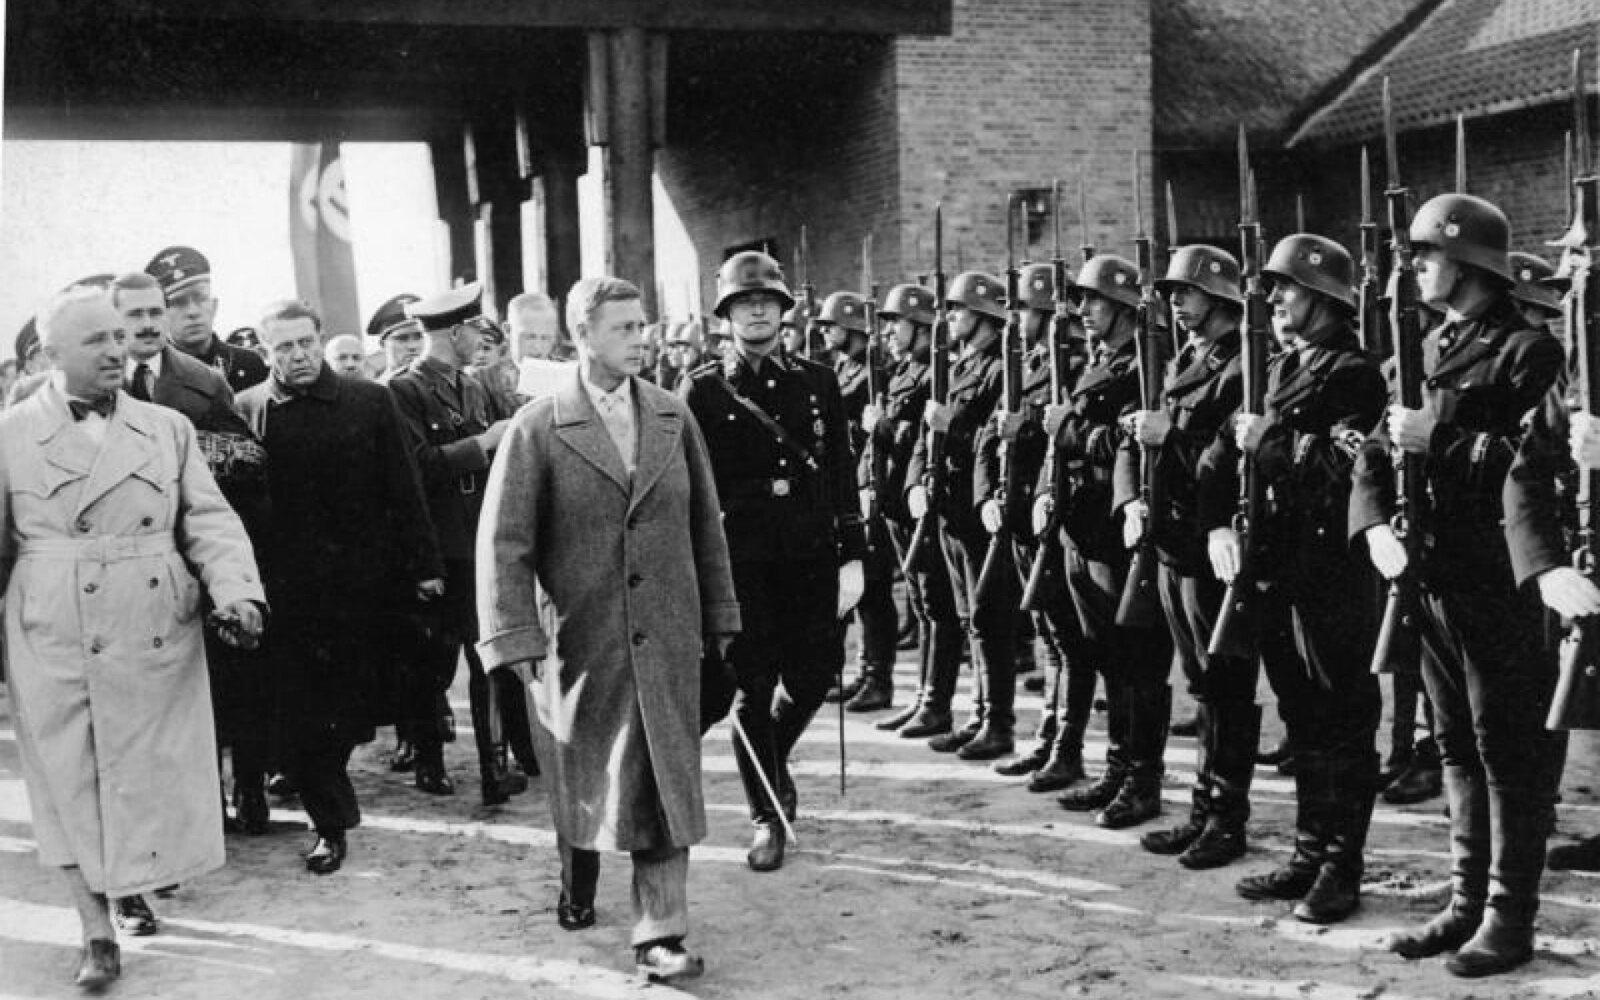 13 октября. Герцог Виндзорский осматривает войска СС в Орденсбурге, Крессинзее